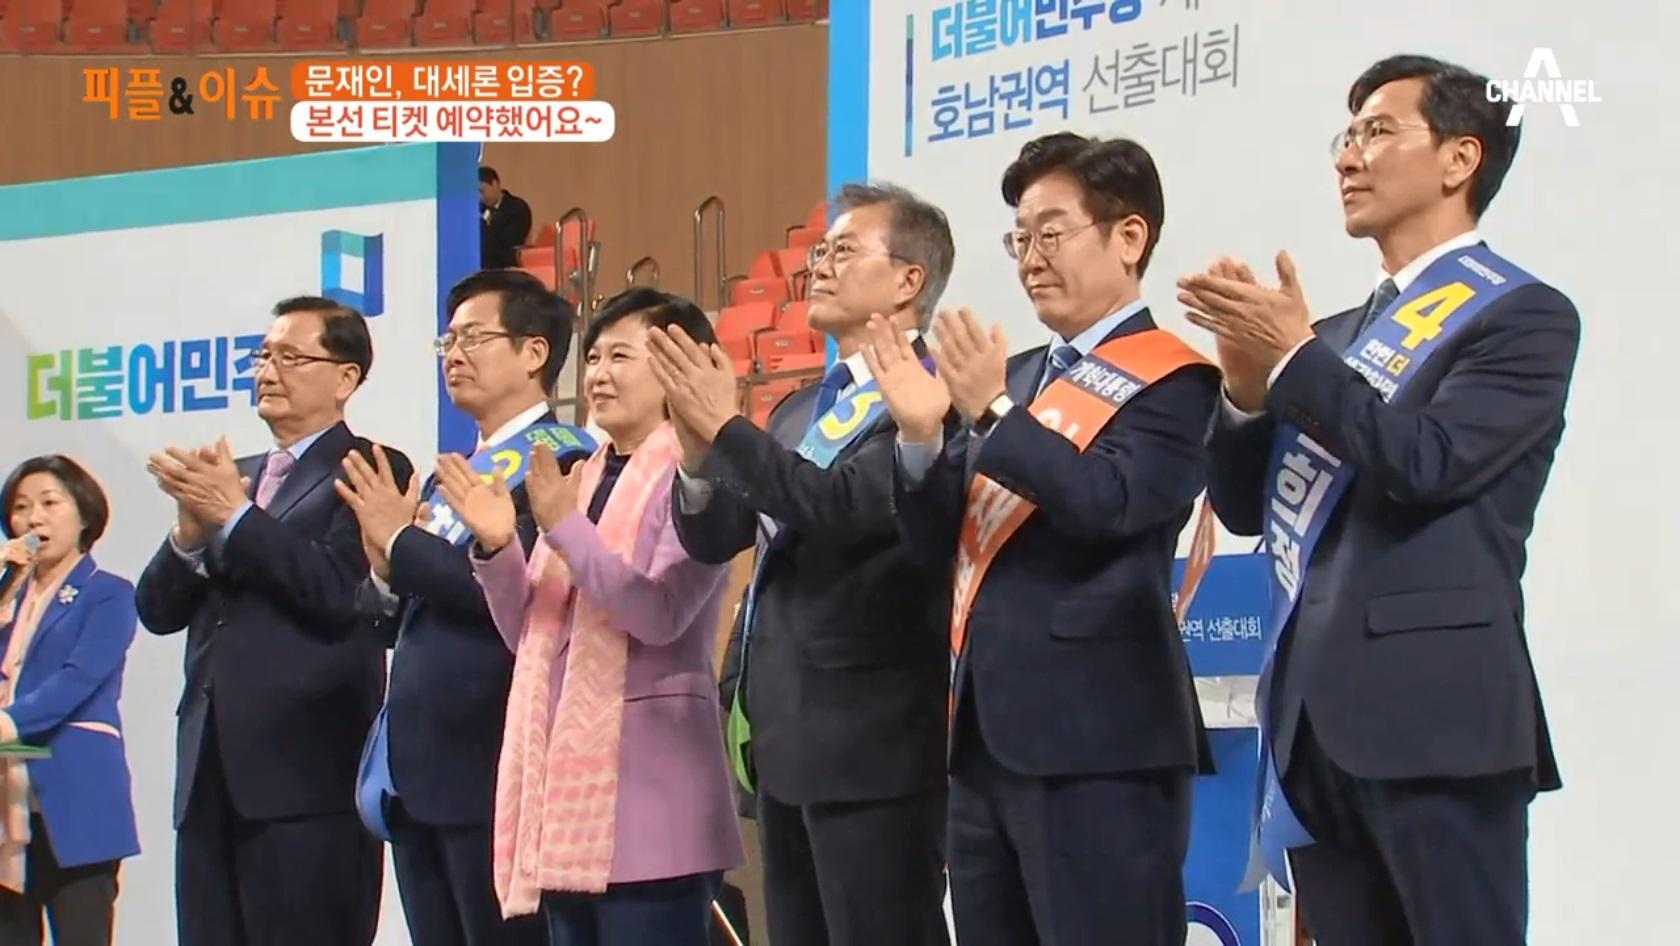 김현욱의 굿모닝 122회